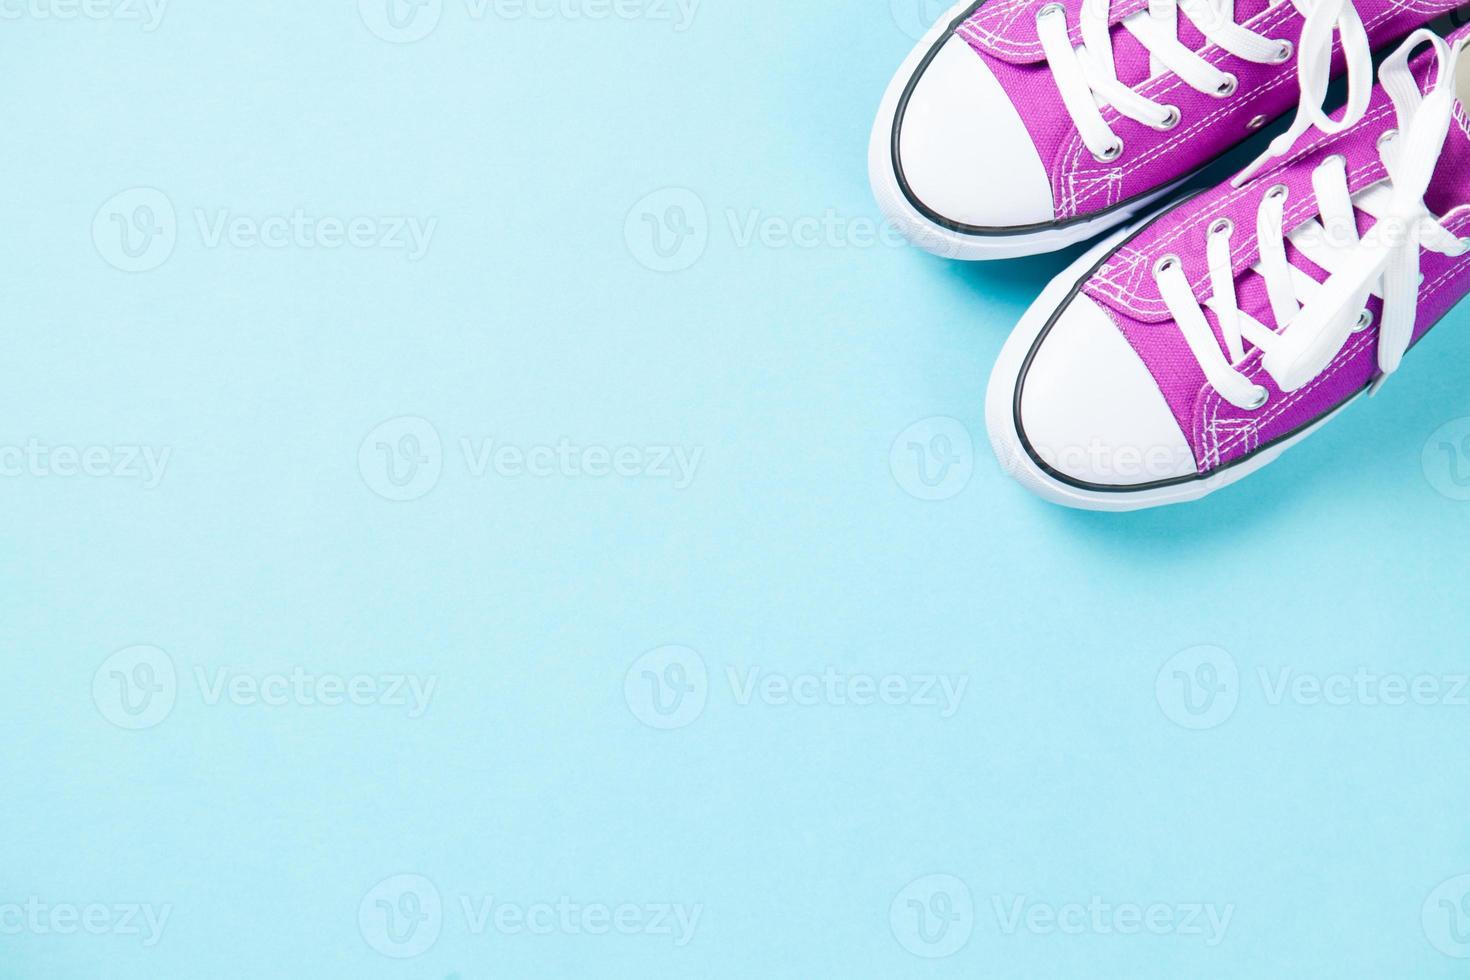 gumshoes violets avec des lacets blancs photo